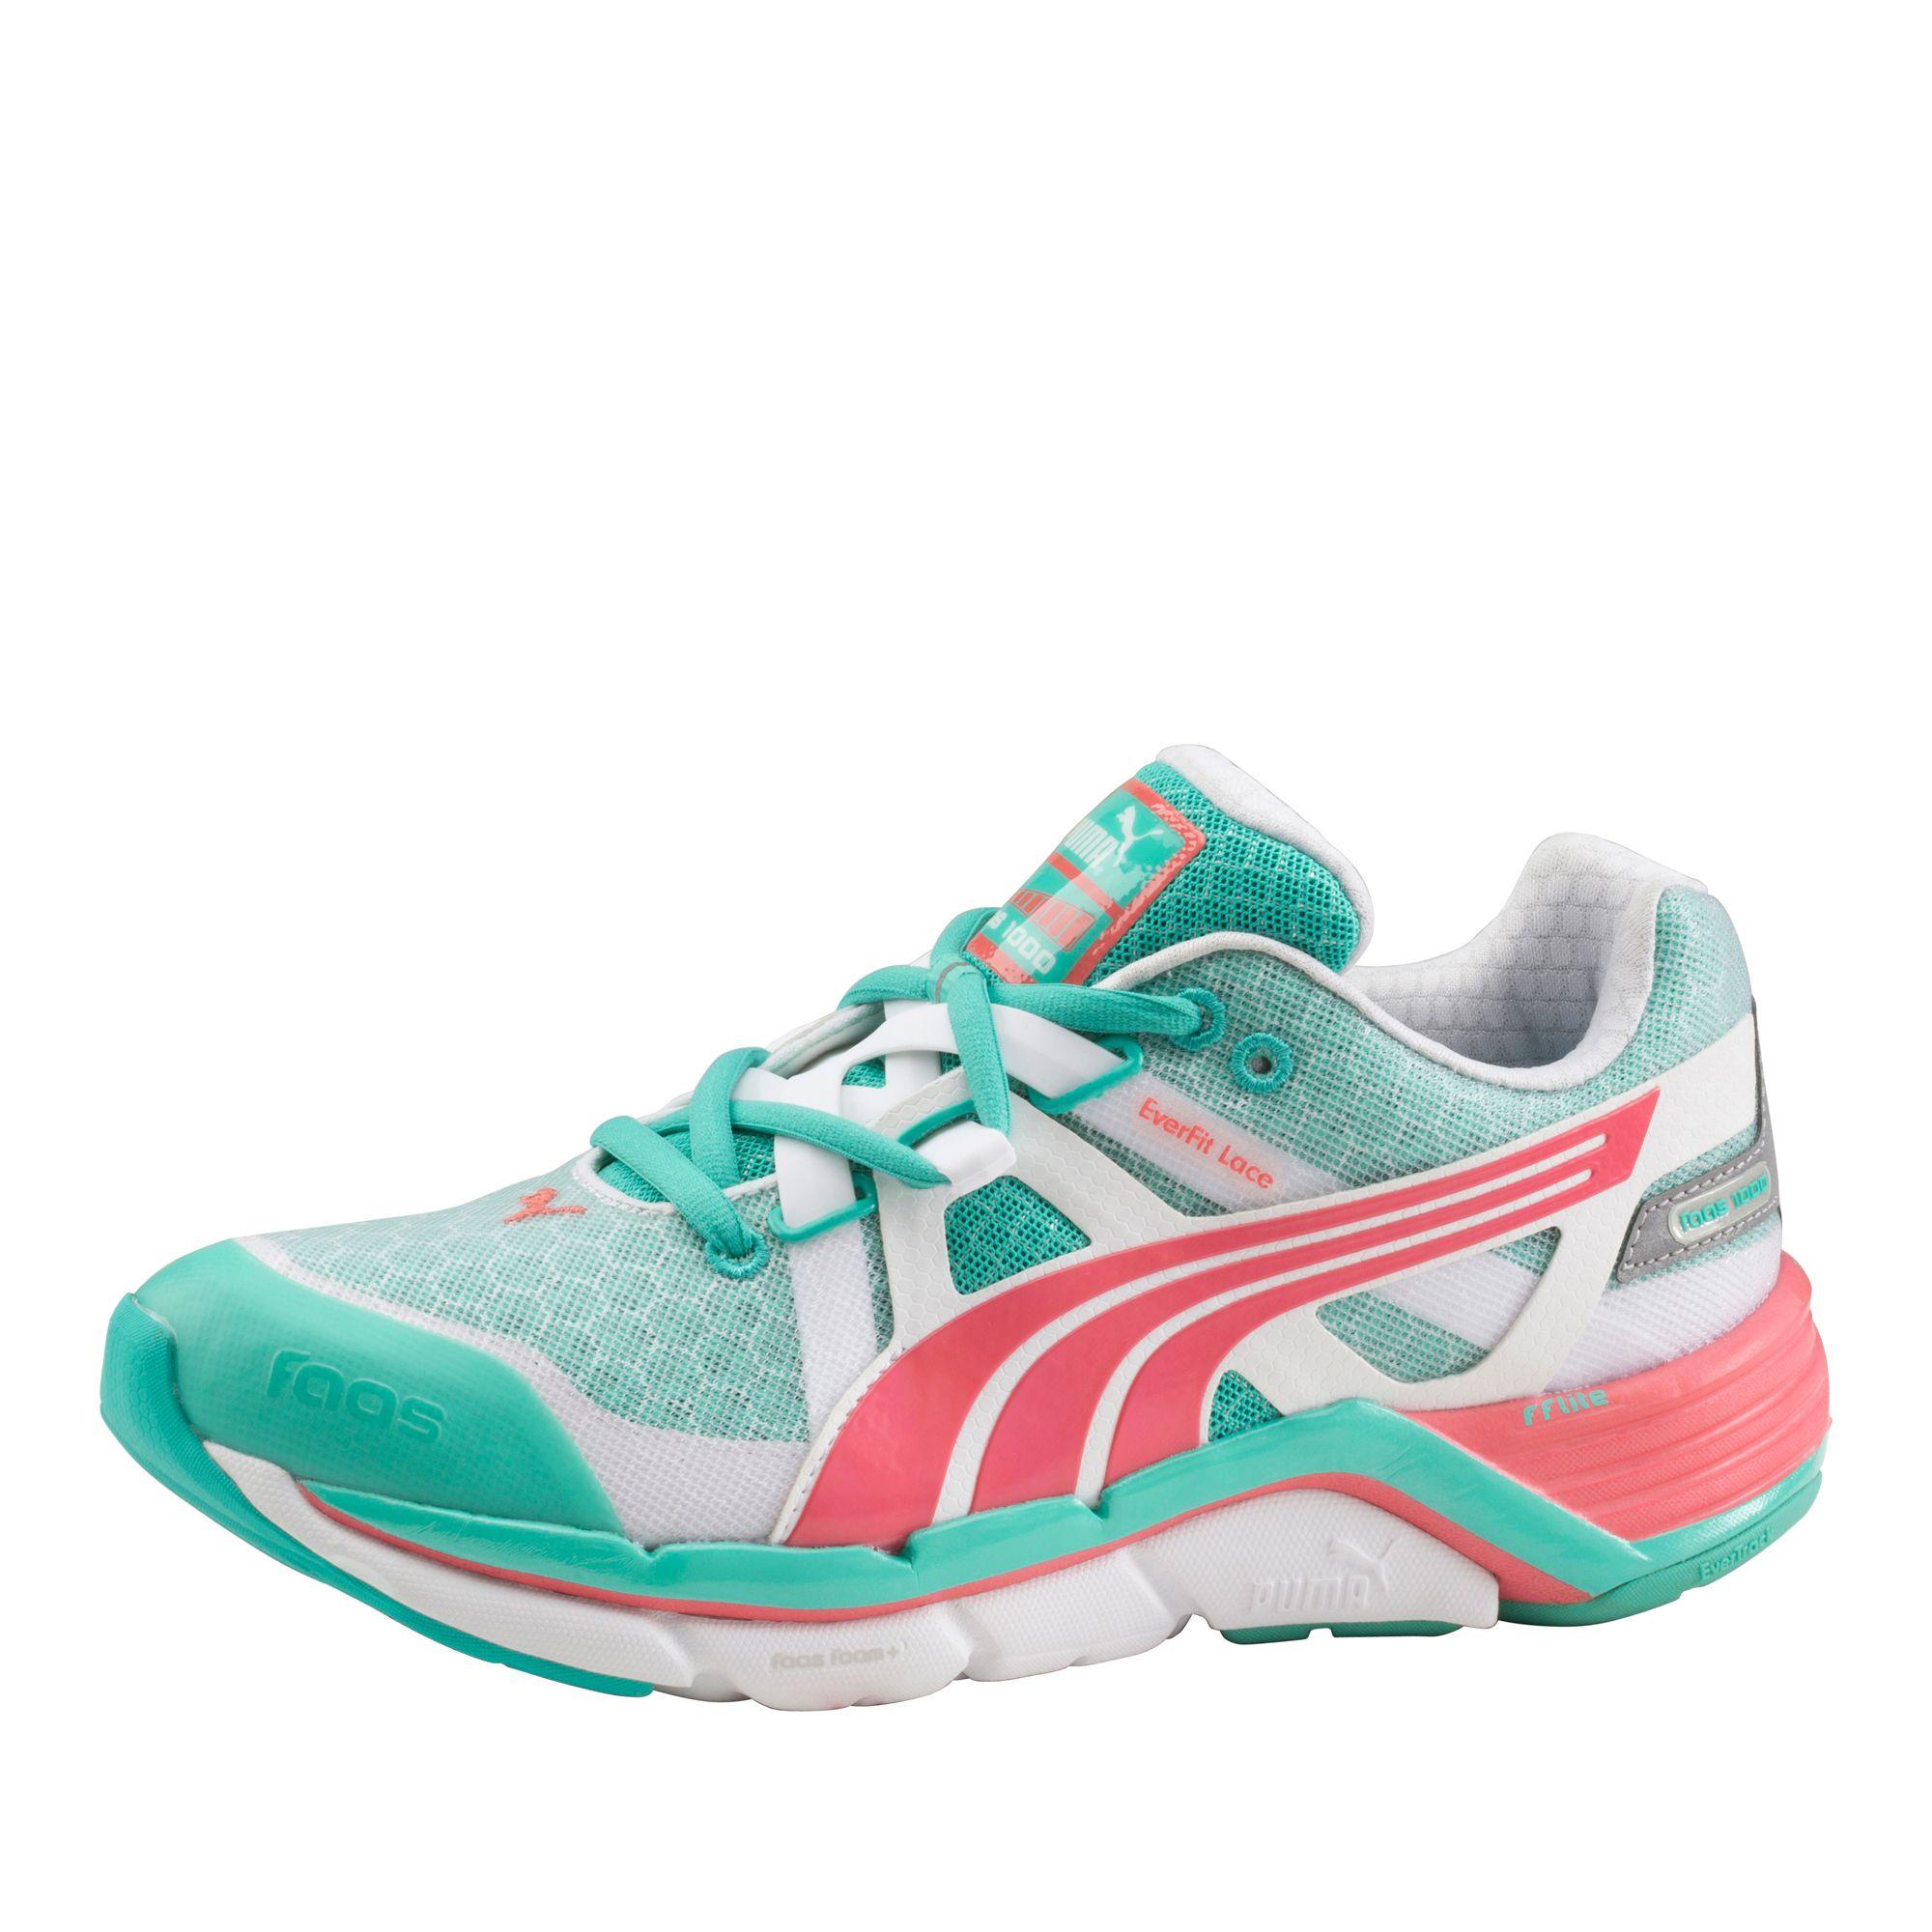 Most Durable Lightweight Running Shoe